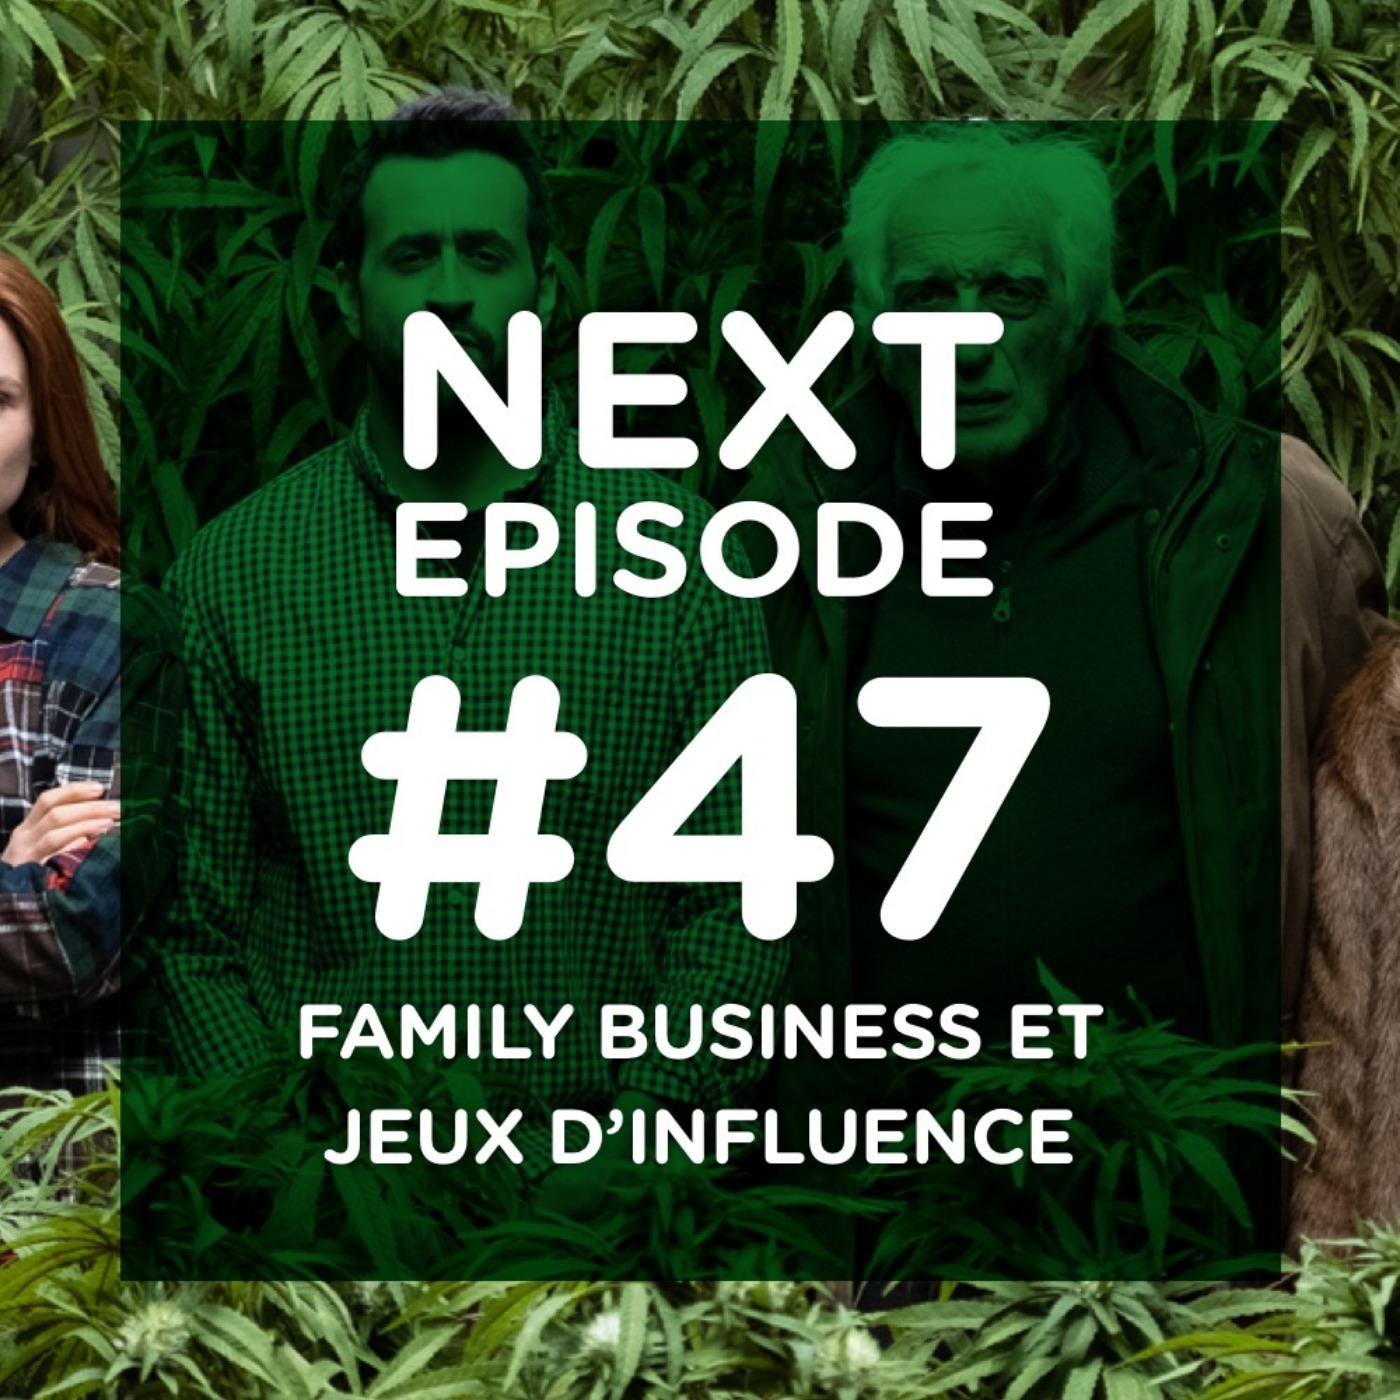 Family Business et Jeux d'influence, drogue douce et somnifères